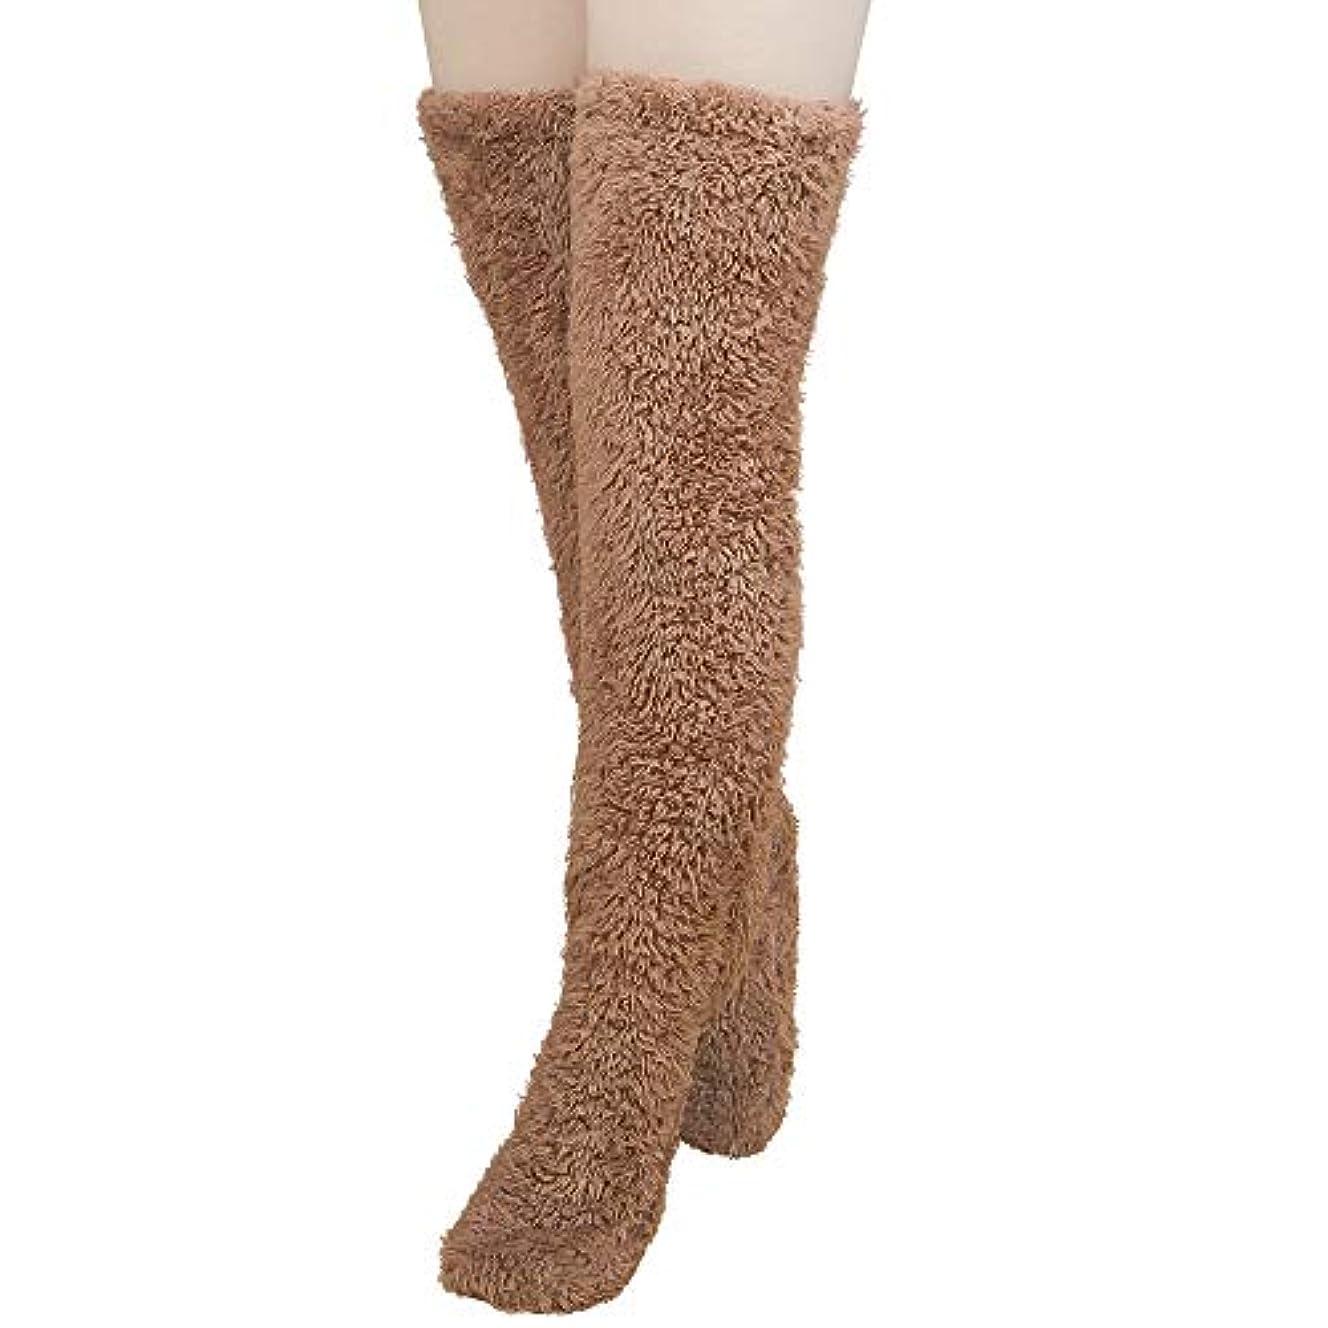 所持反対したスキームMiuko 足が出せるロングカバー 極暖 レッグウォーマー ふわふわ靴下 ロングソックス 冷えとり靴下 毛布ソックス 冷え対策 防寒ソックス あったか 超厚手 男女兼用